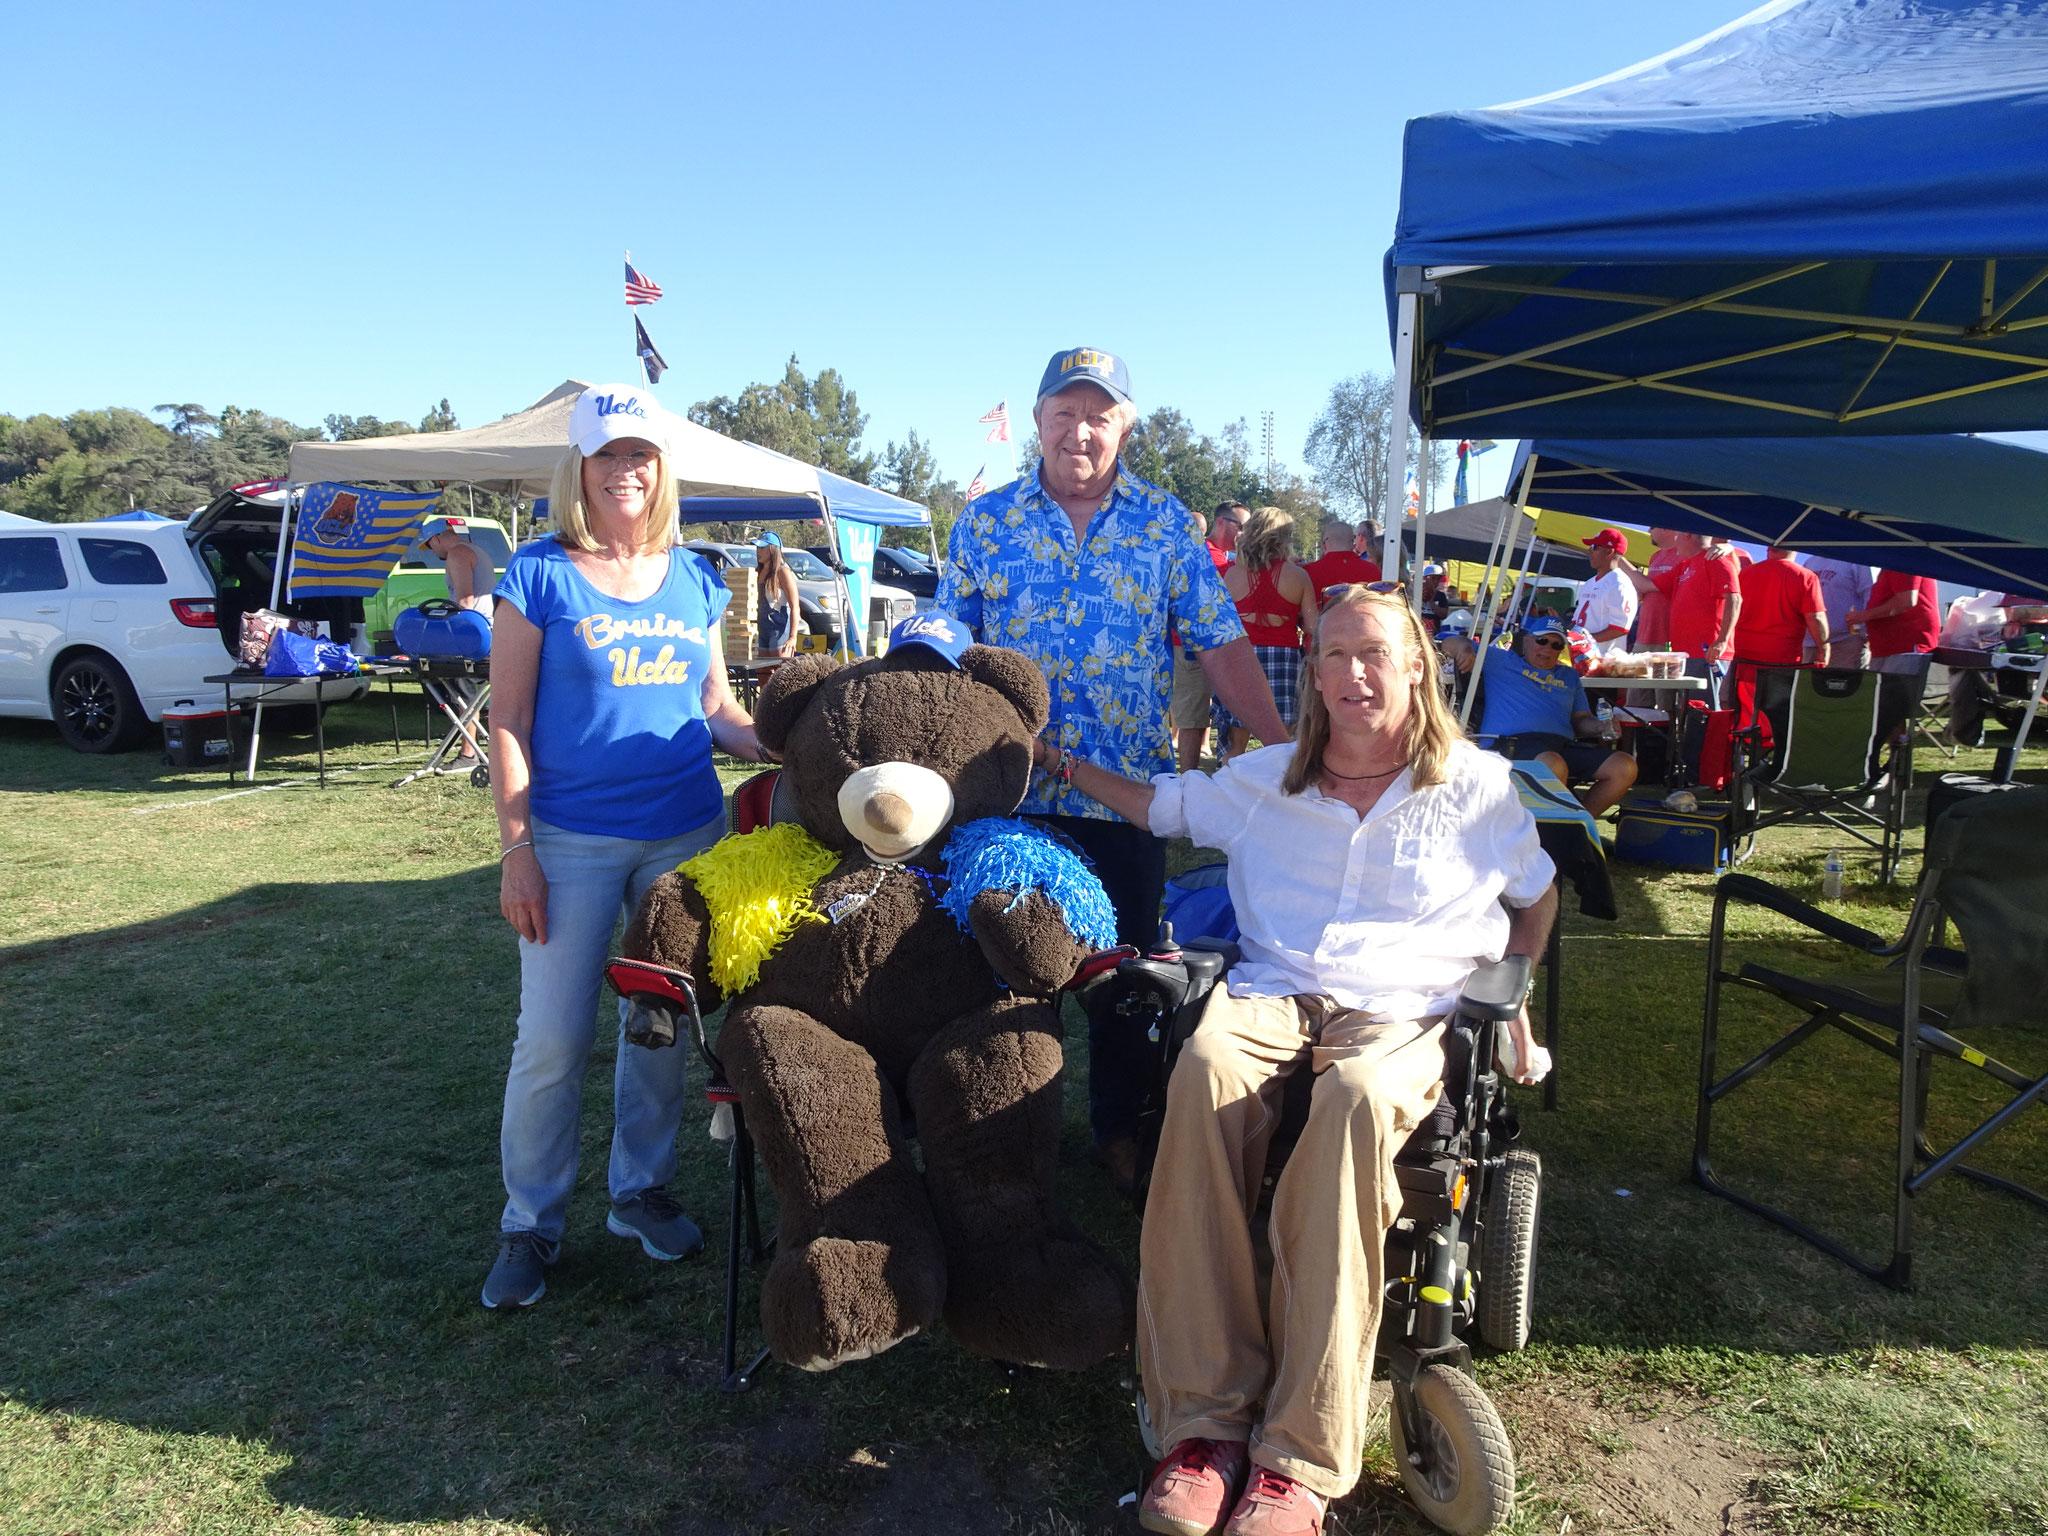 UCLA Fans : UCLA Bruins vs Bulldogs de Fresno State (2018/19)